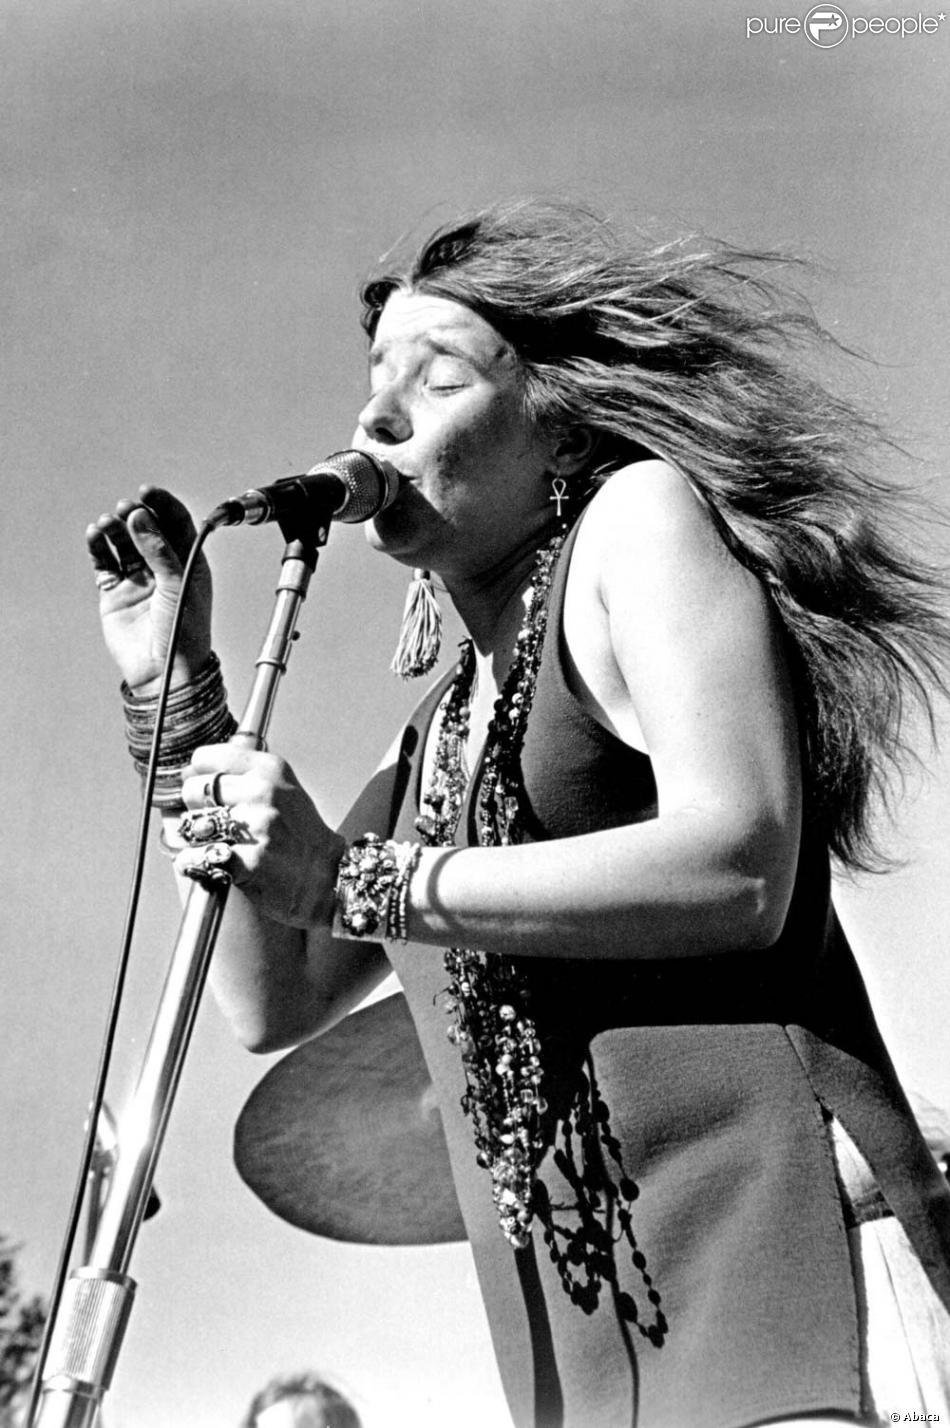 Woodstock Pictures Of Janis Joplin 43